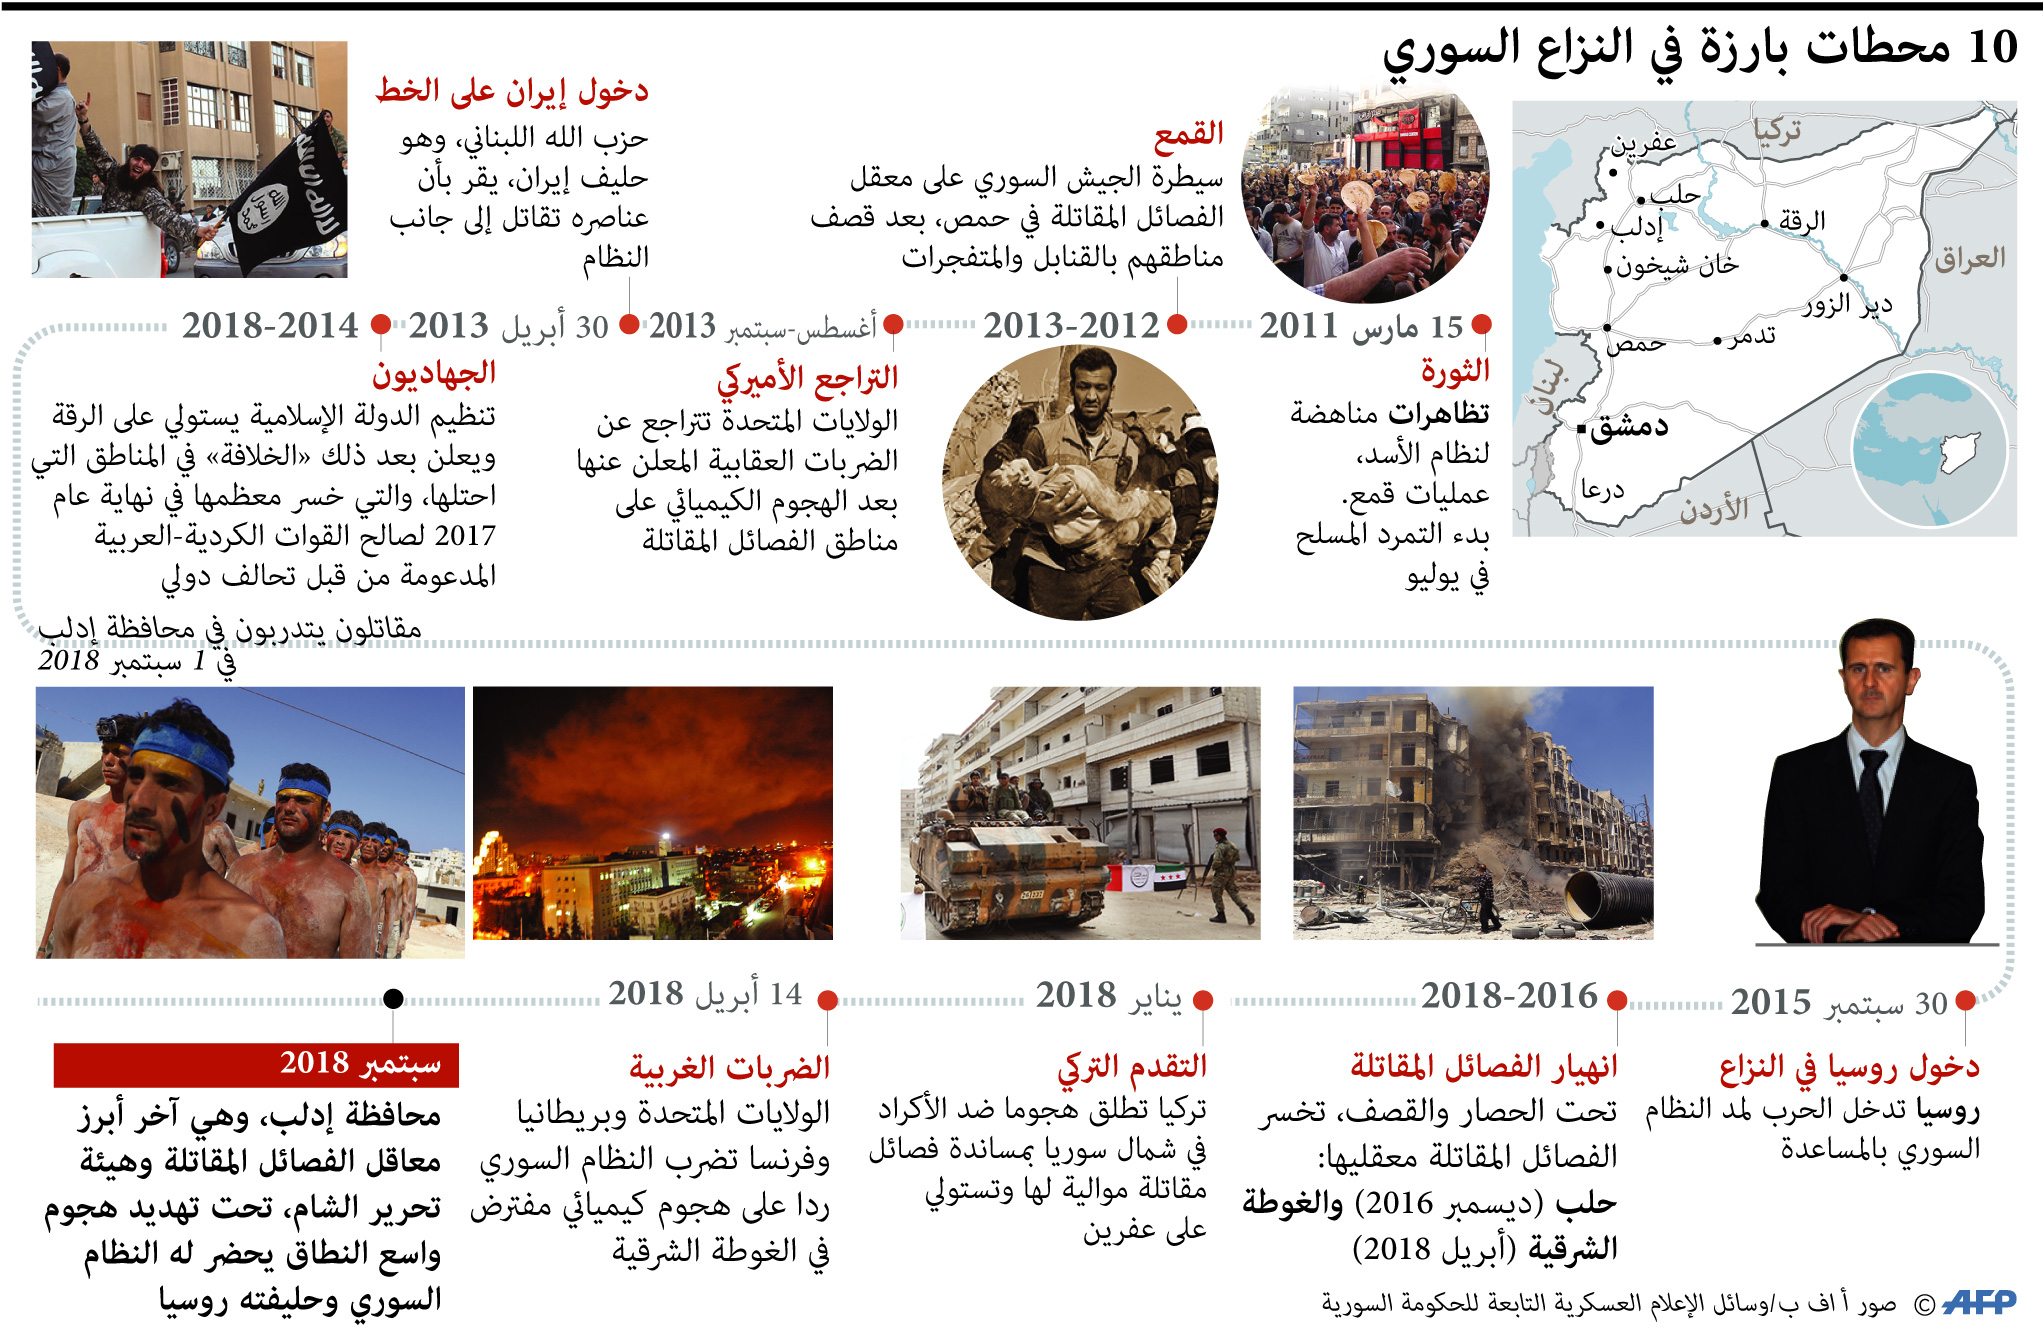 محطات بارزة في النزاع السوري